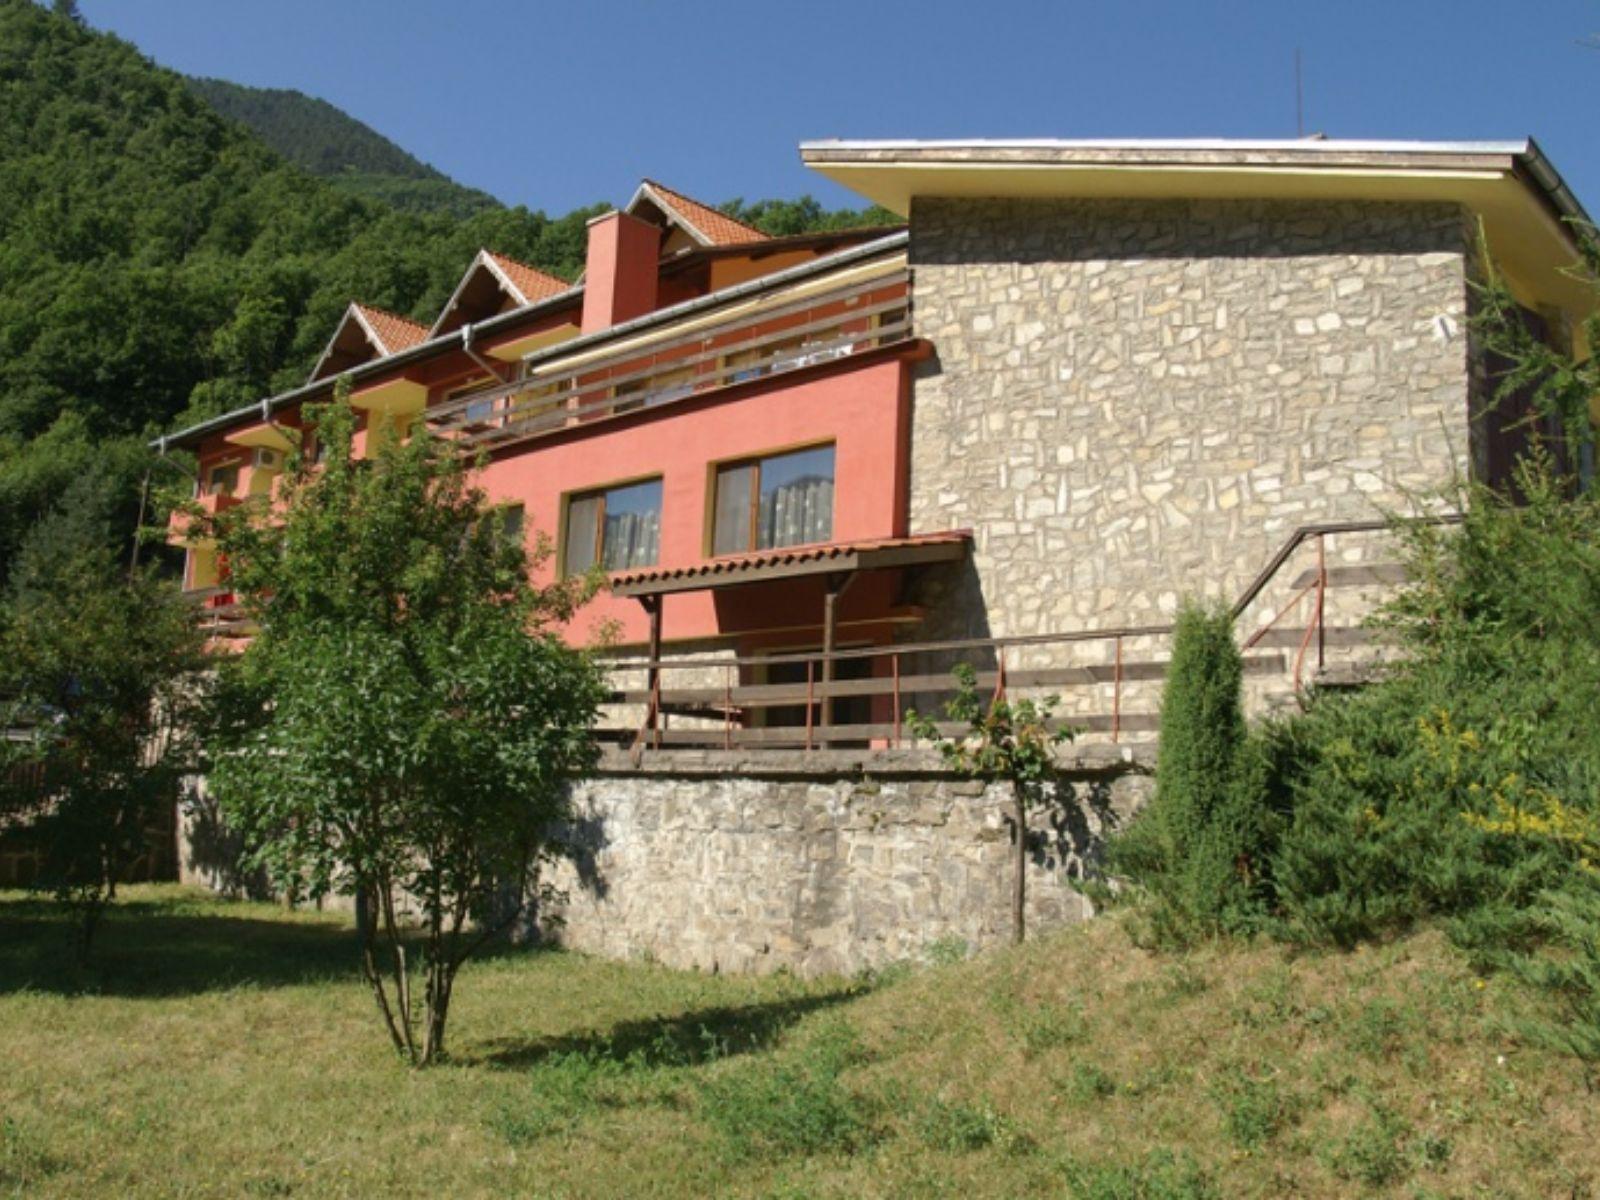 hotel-narechenski-izvori-1268227653 (1)